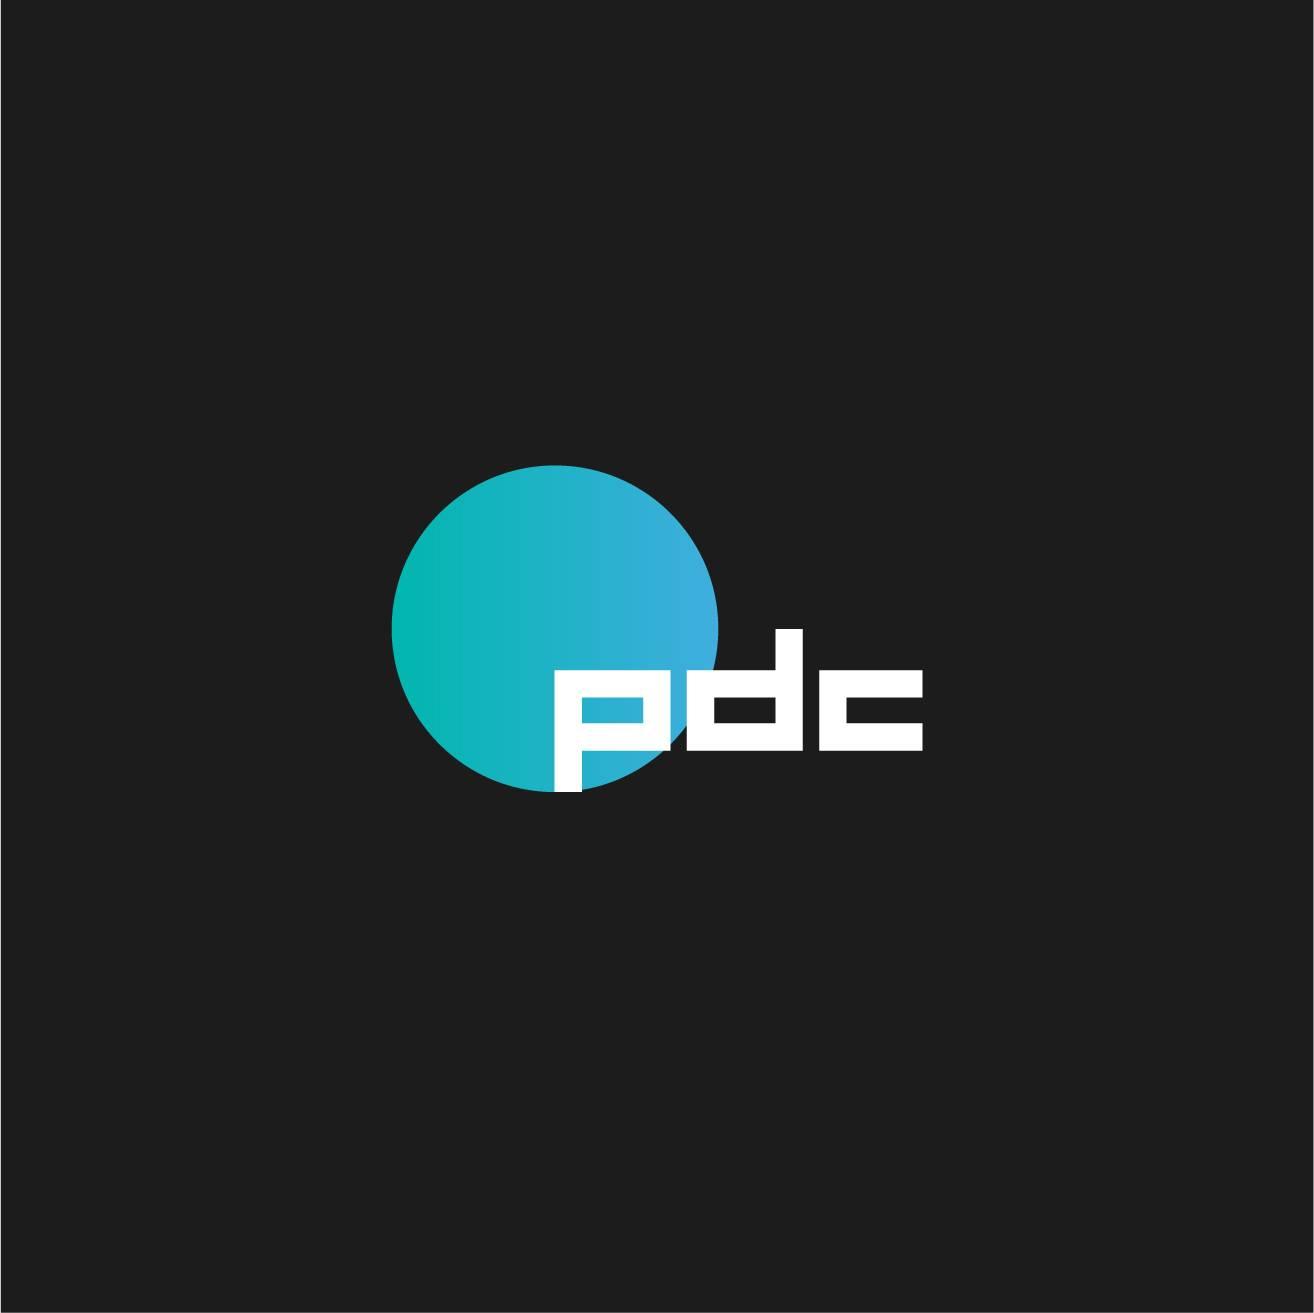 联手国际贸易设计服务平台,打造全新主题视觉形象